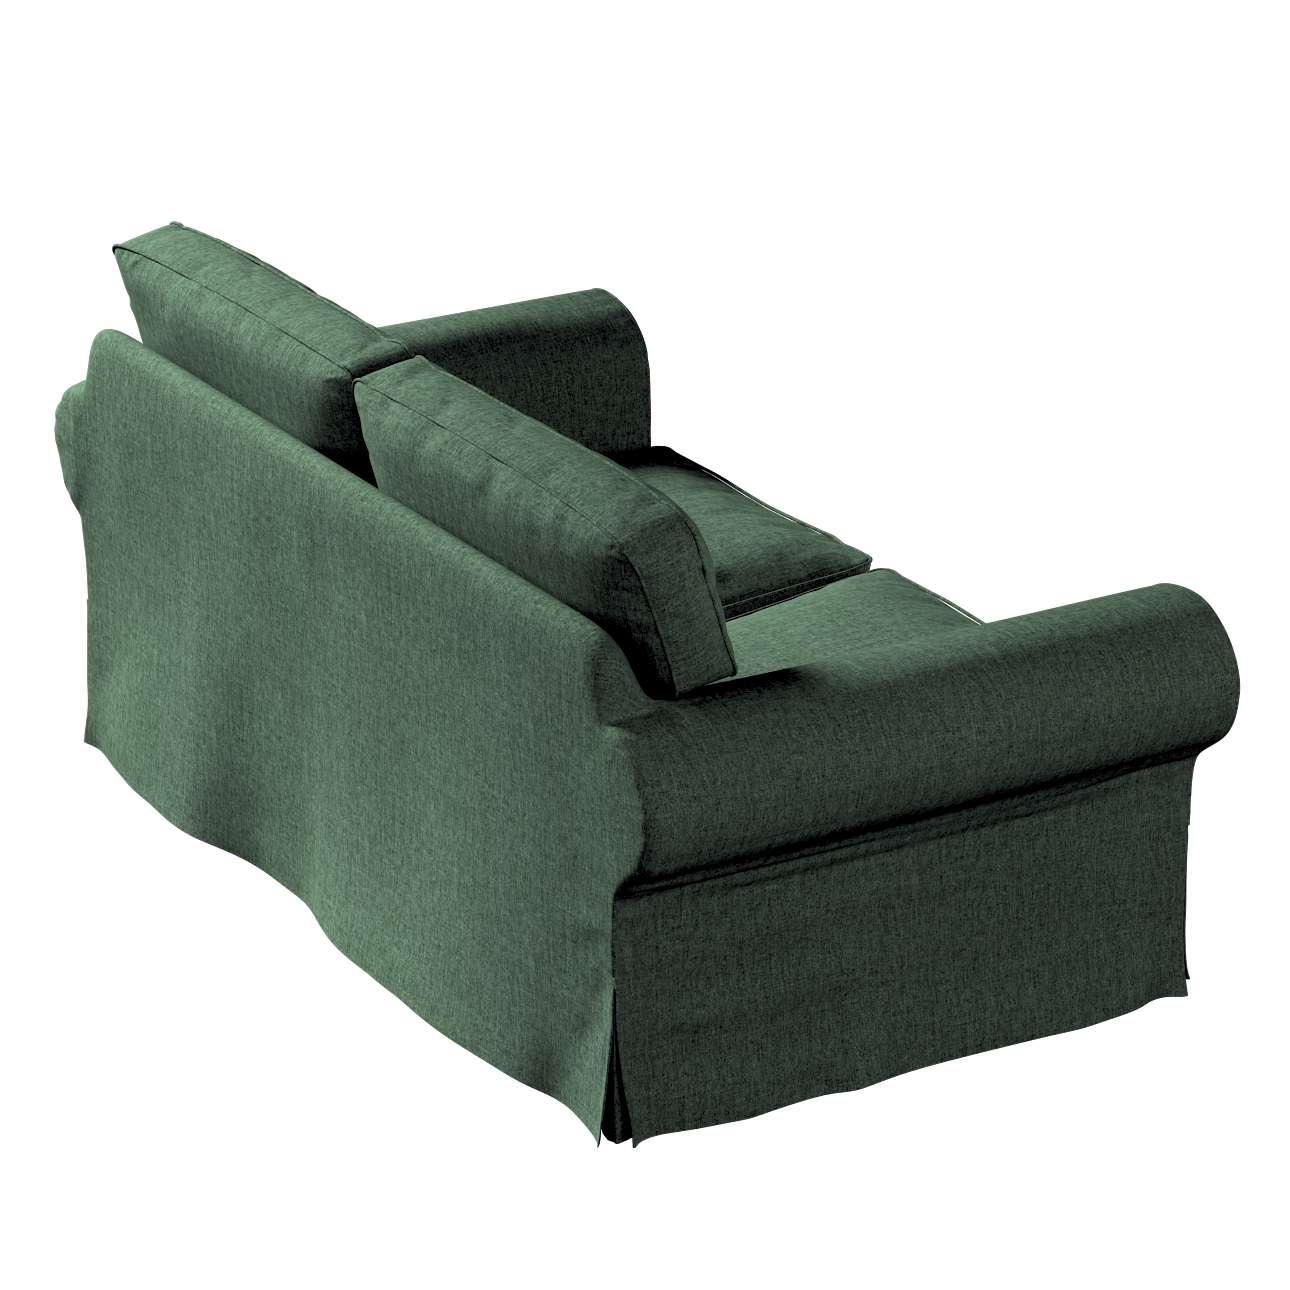 Pokrowiec na sofę Ektorp 2-osobową, rozkładaną, model do 2012 w kolekcji City, tkanina: 704-81